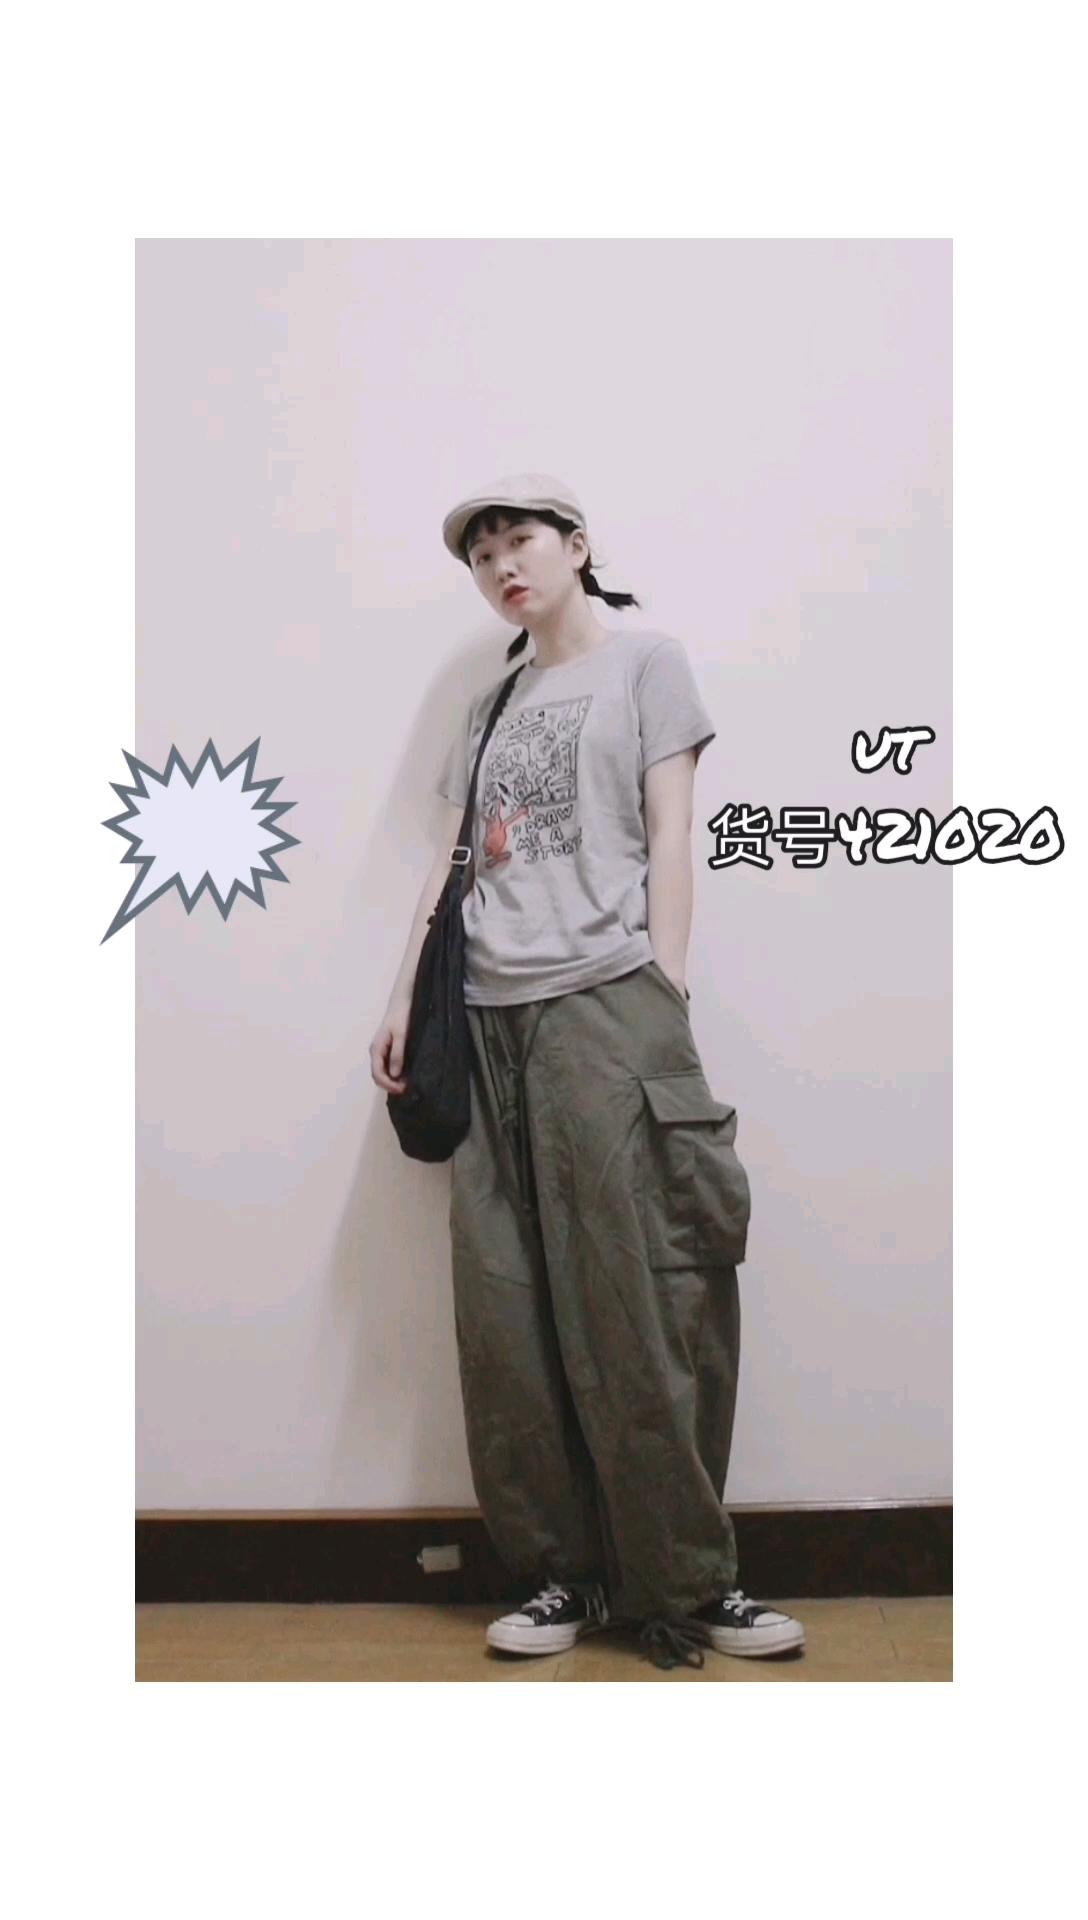 #155→170,小个子穿搭圣经# 灰色上衣,150的码子,可可爱爱 搭配军绿色工装裤,m码,偏大 高腰,显高显瘦 又酷又可爱的穿搭